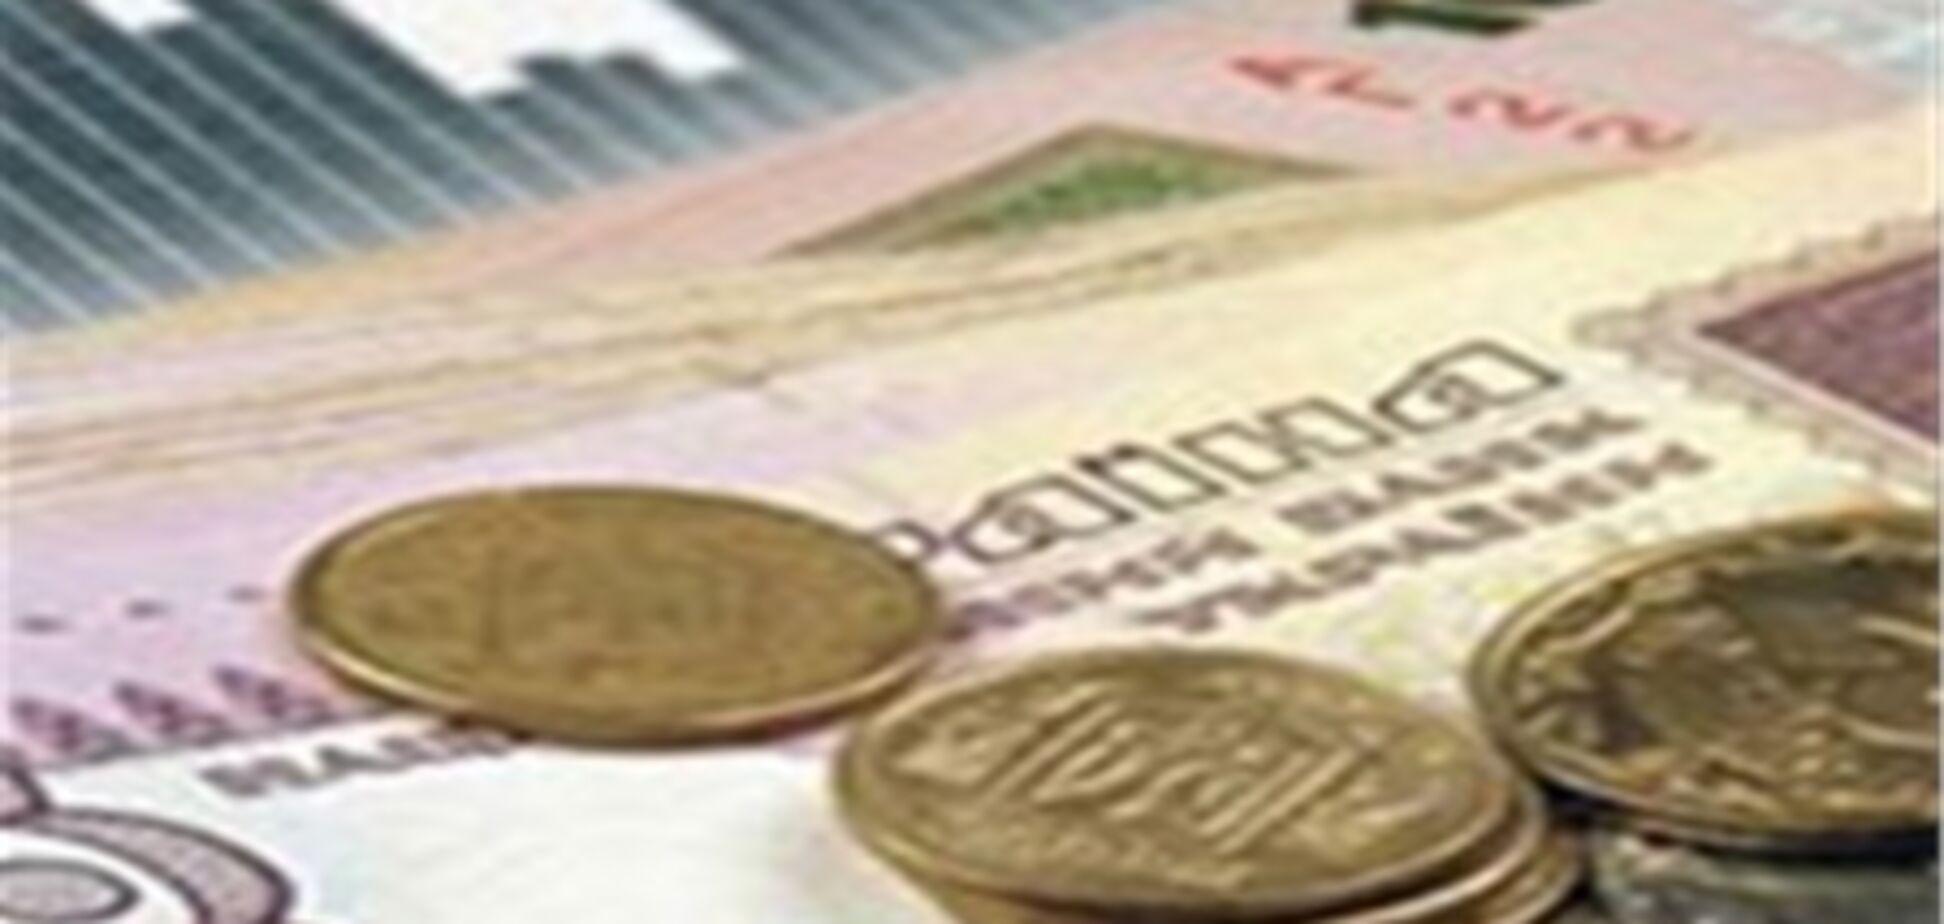 Кабмин готовит увеличение зарплат: цифры и сценарии